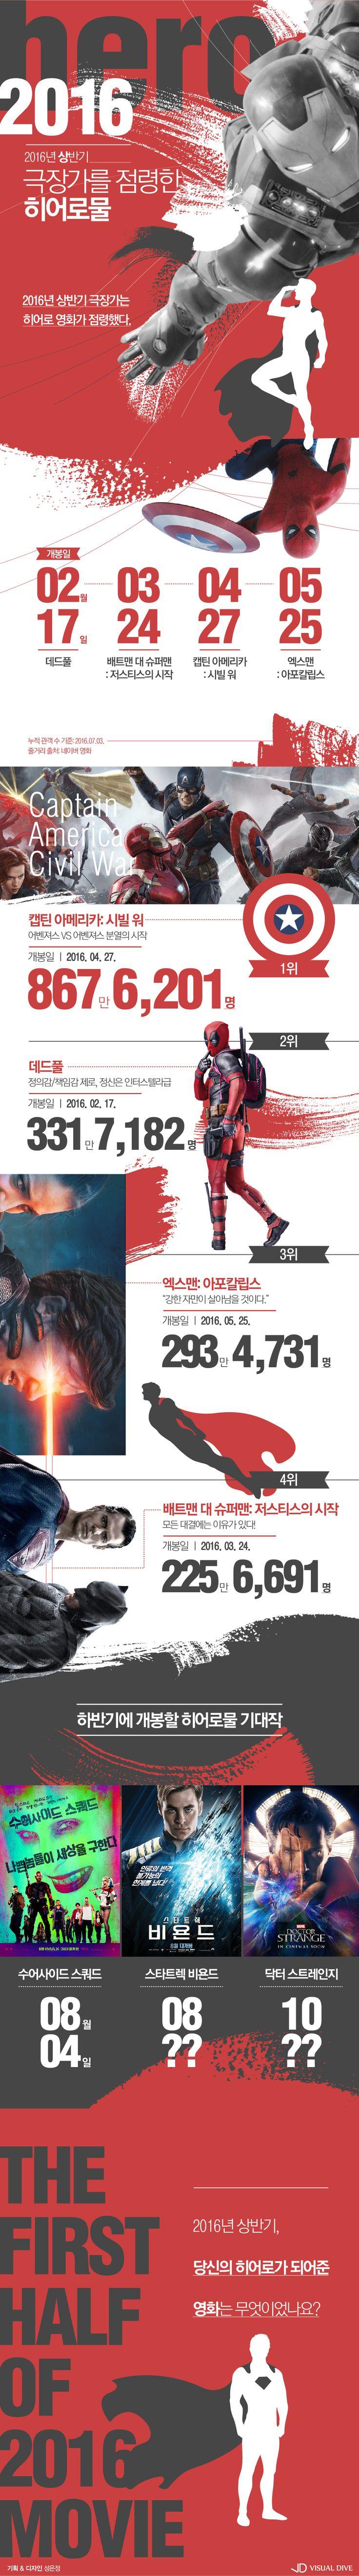 치고받는 액션? 매력으로 승부하는 히어로 열전 [인포그래픽] #hero / #Infographic ⓒ 비주얼다이브 무단 복사·전재·재배포 금지